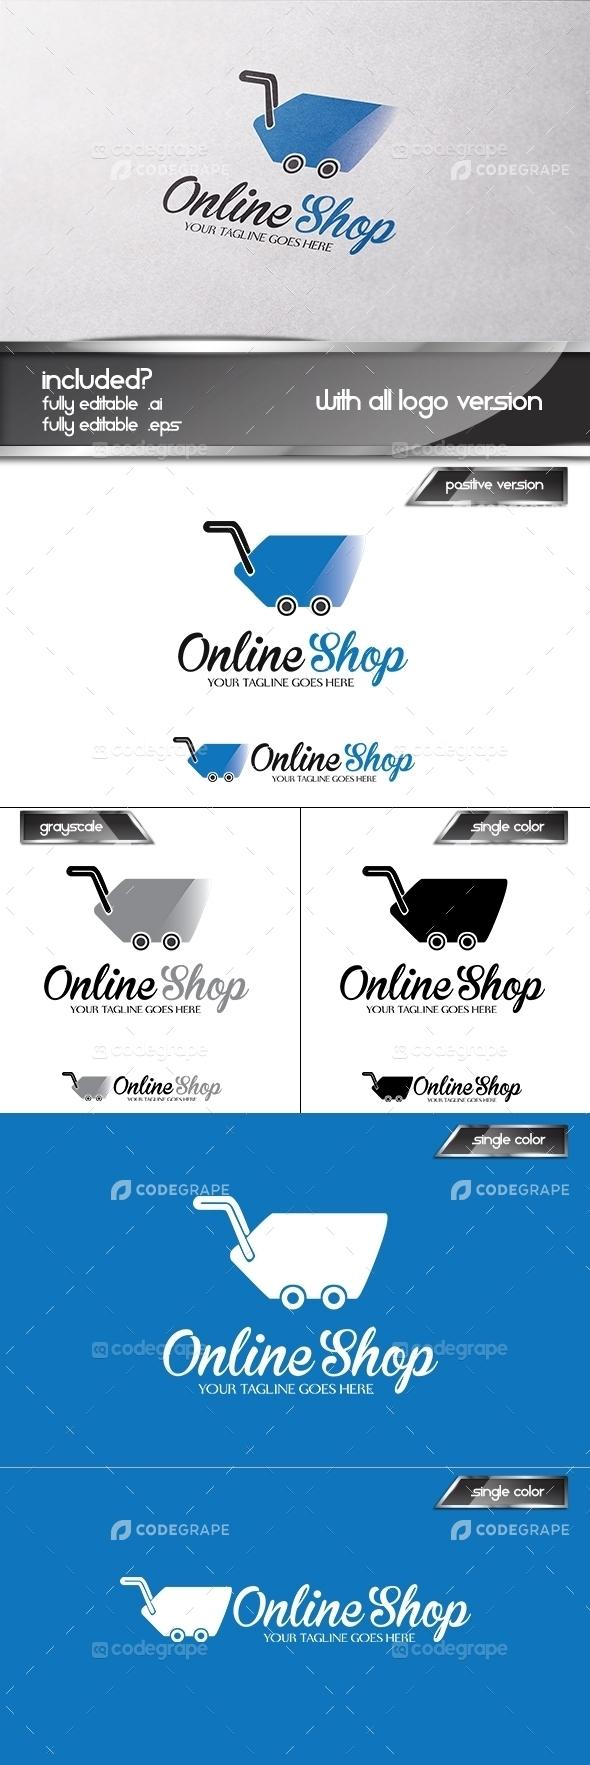 Online Shop Logo Set